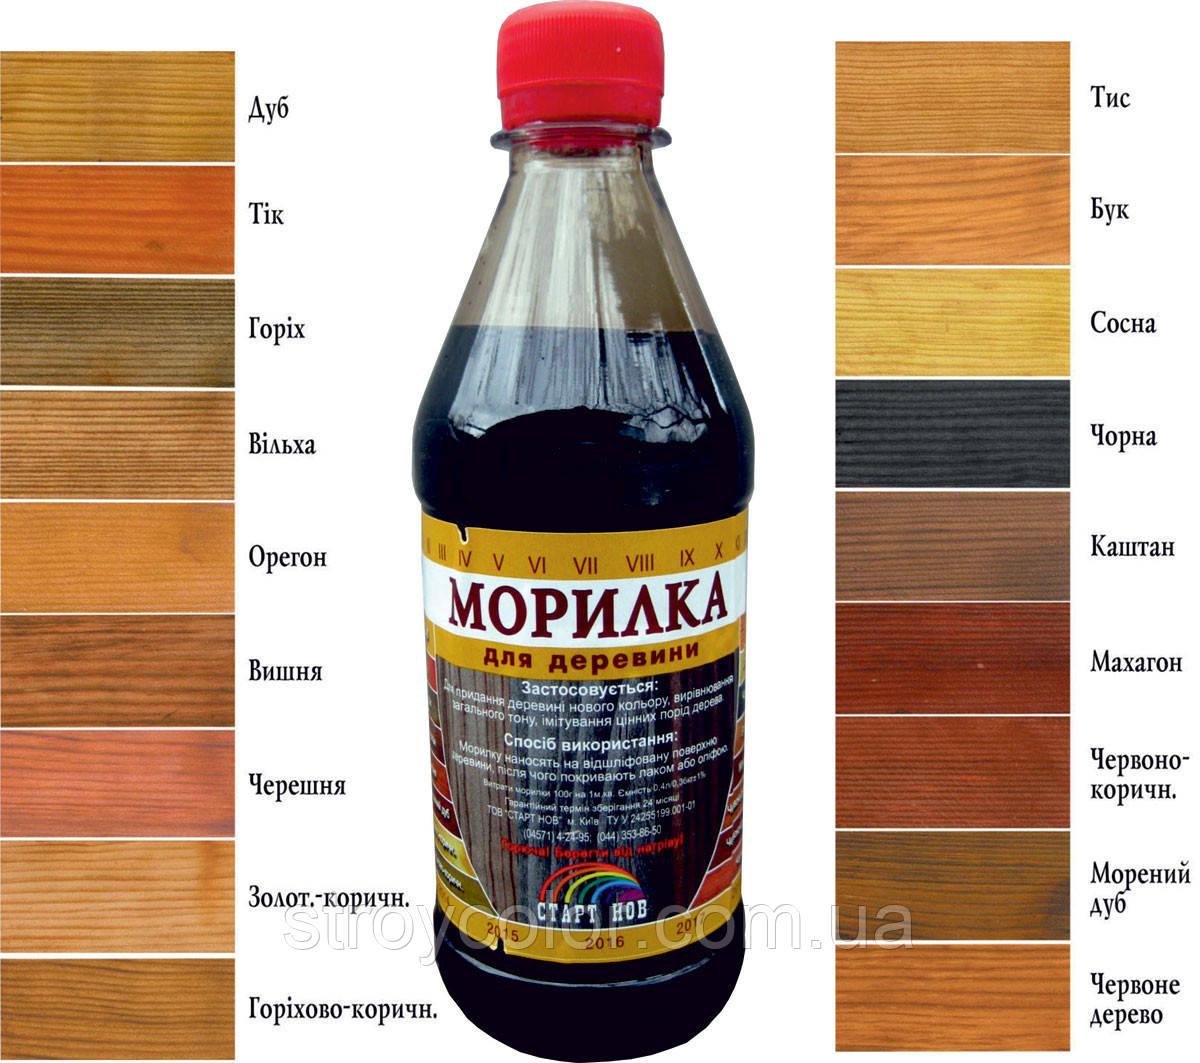 Морилка спиртовая Орехово-коричневая Старт НОВ 0,4 л. (Марилка для дерева)